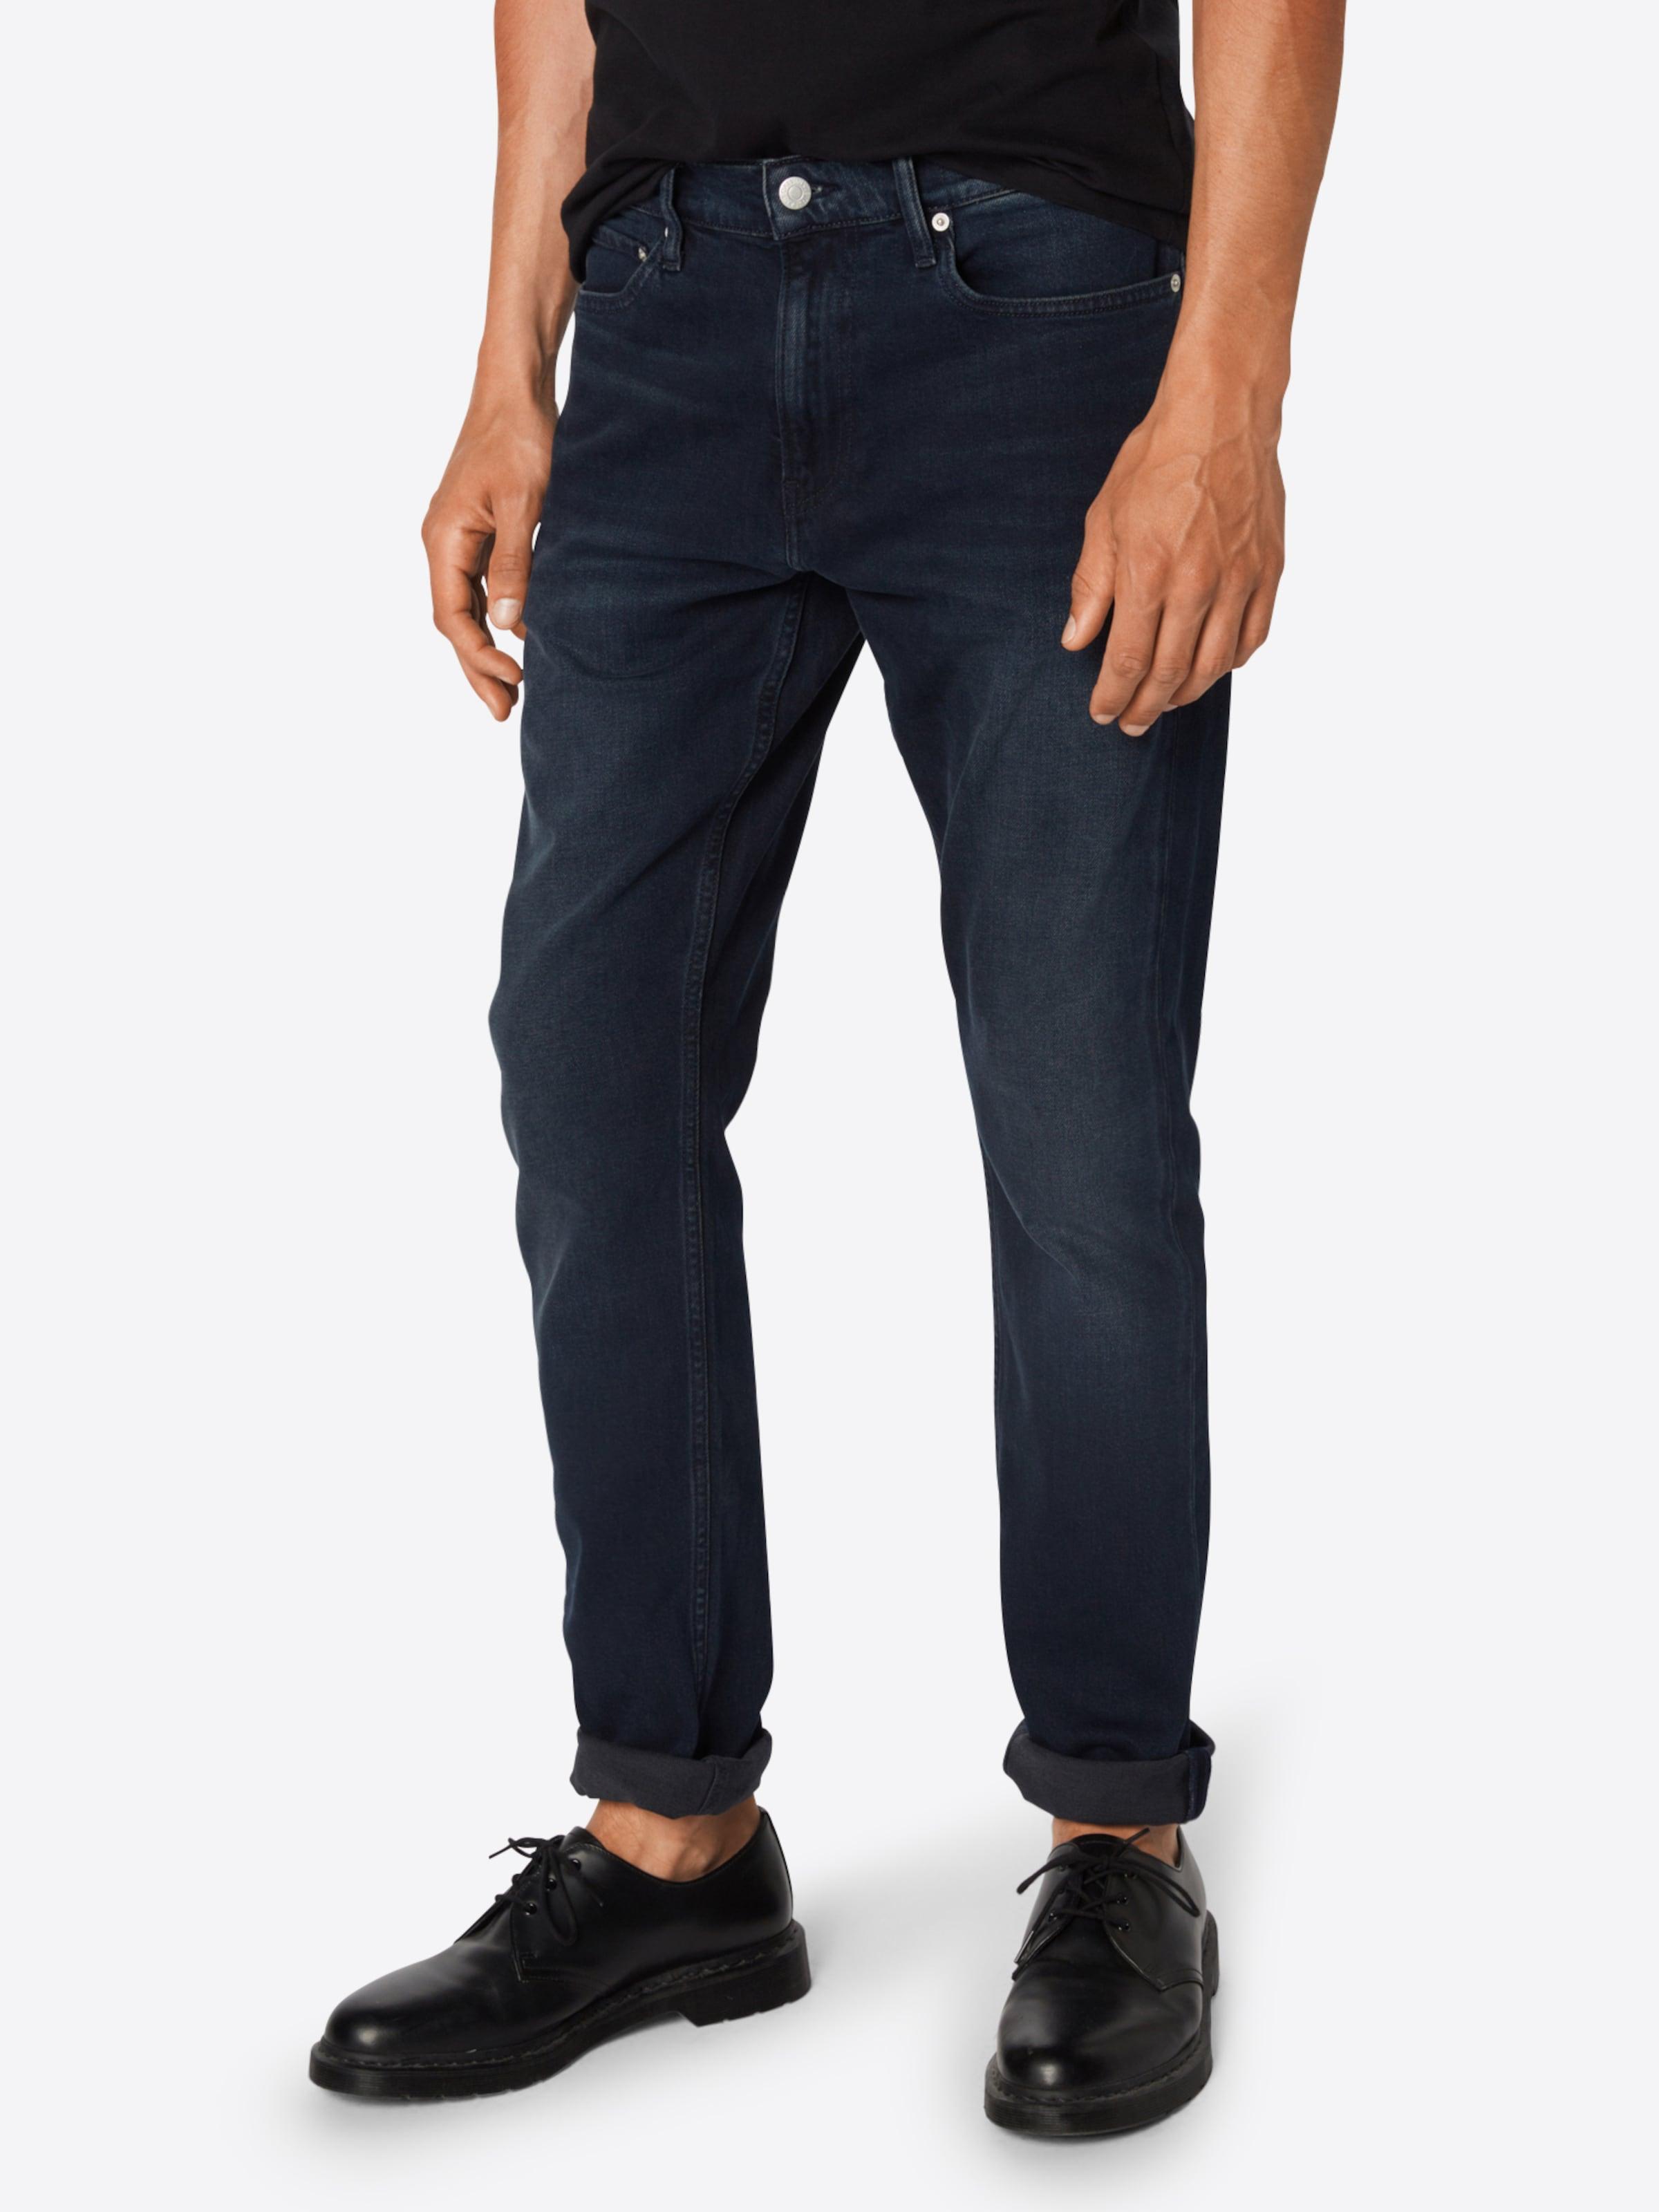 Klein Jeans Calvin 'ckj In Blue Denim 025 Slim' jVLpqSGUzM